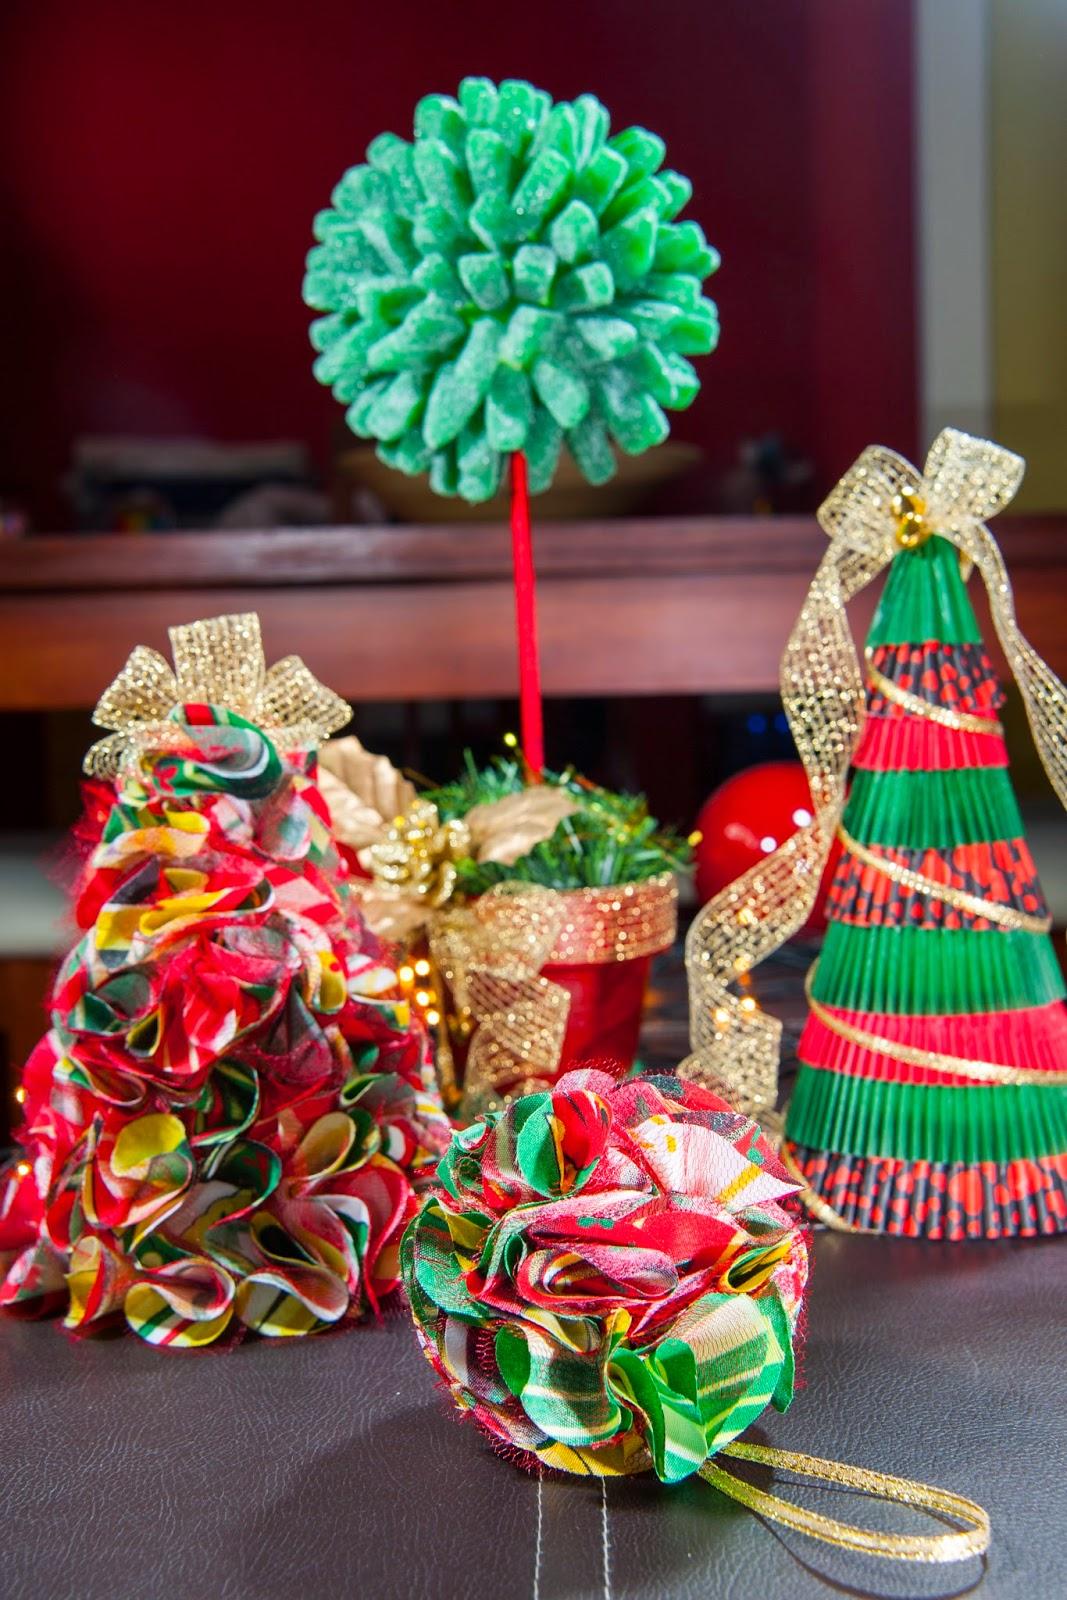 Adornos navideos para regalar marcos para la familia adornos navideos y regalos sobre fondo de - Adornos para regalar en navidad ...